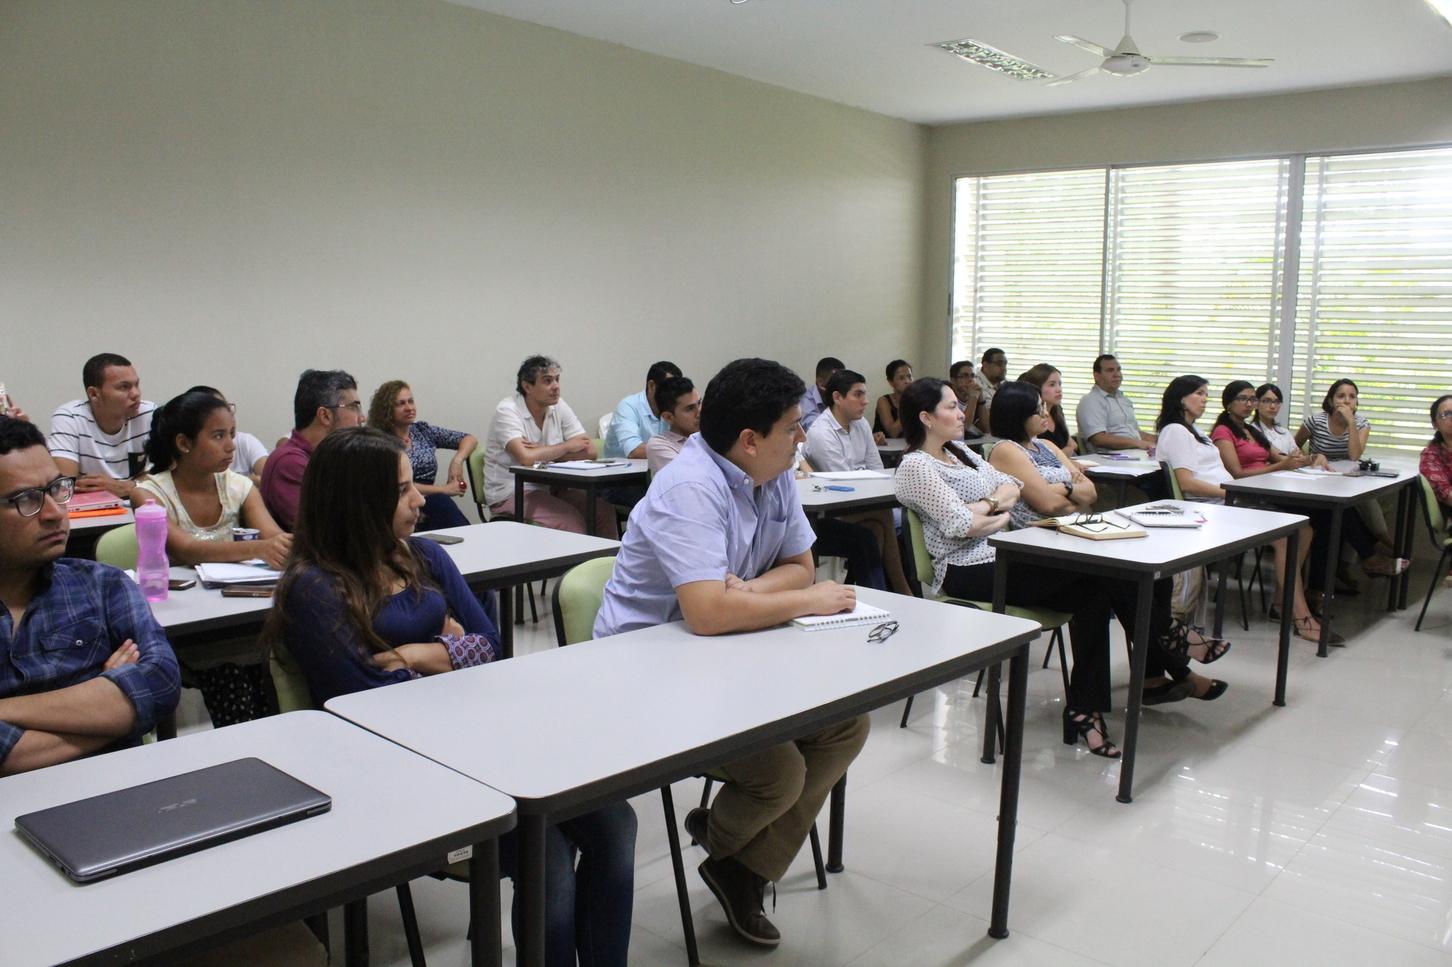 Realidades, compromisos y retos de la educación superior en América Latina